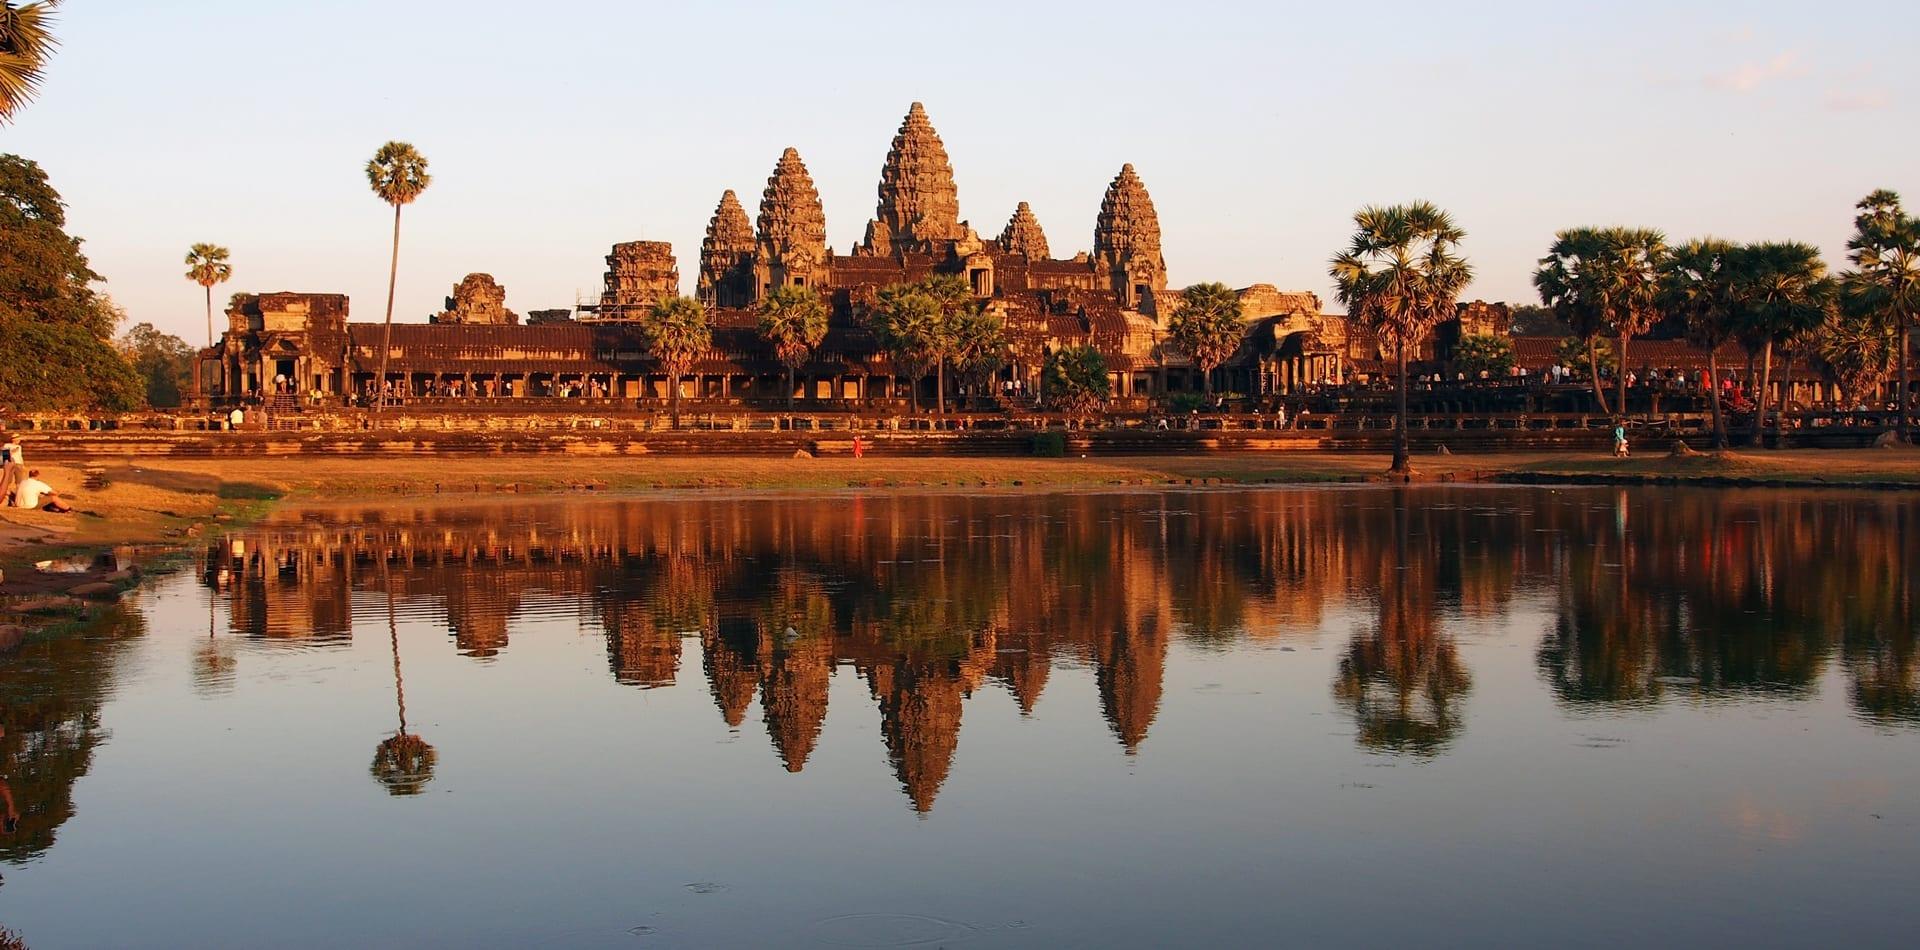 Indochina Cambodia Seam Reap Hero